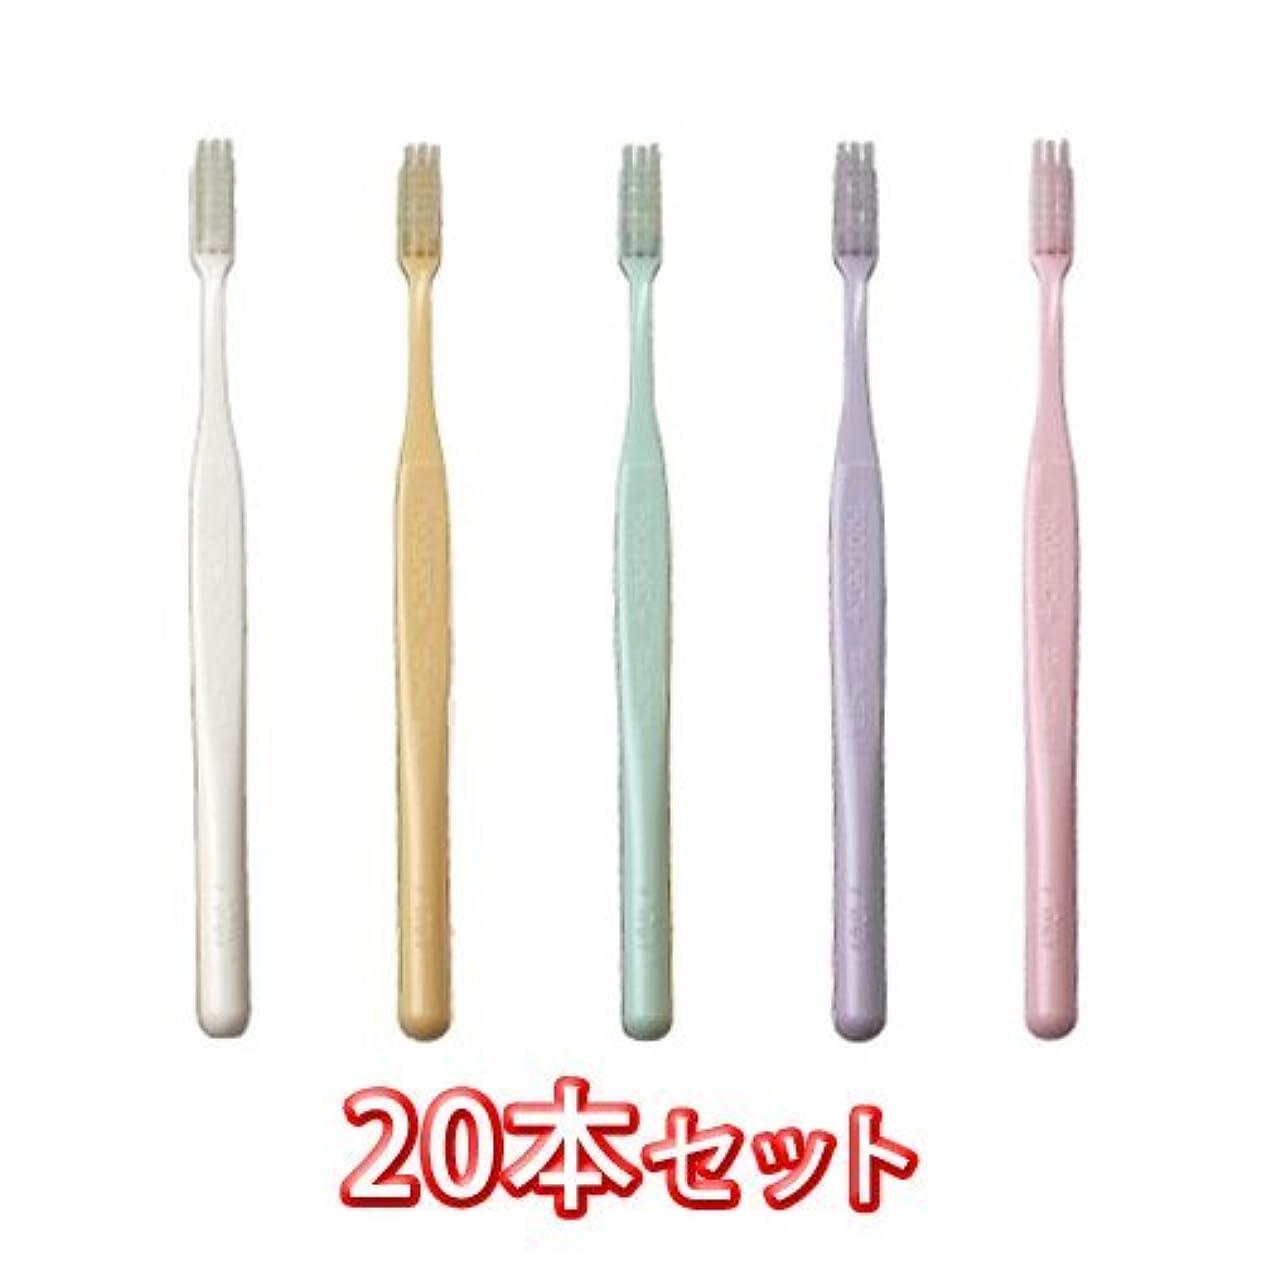 タヒチレタスパキスタン人プロスペック 歯ブラシ プラス コンパクトスリム 20本入 ふつう色 S やわらかめ